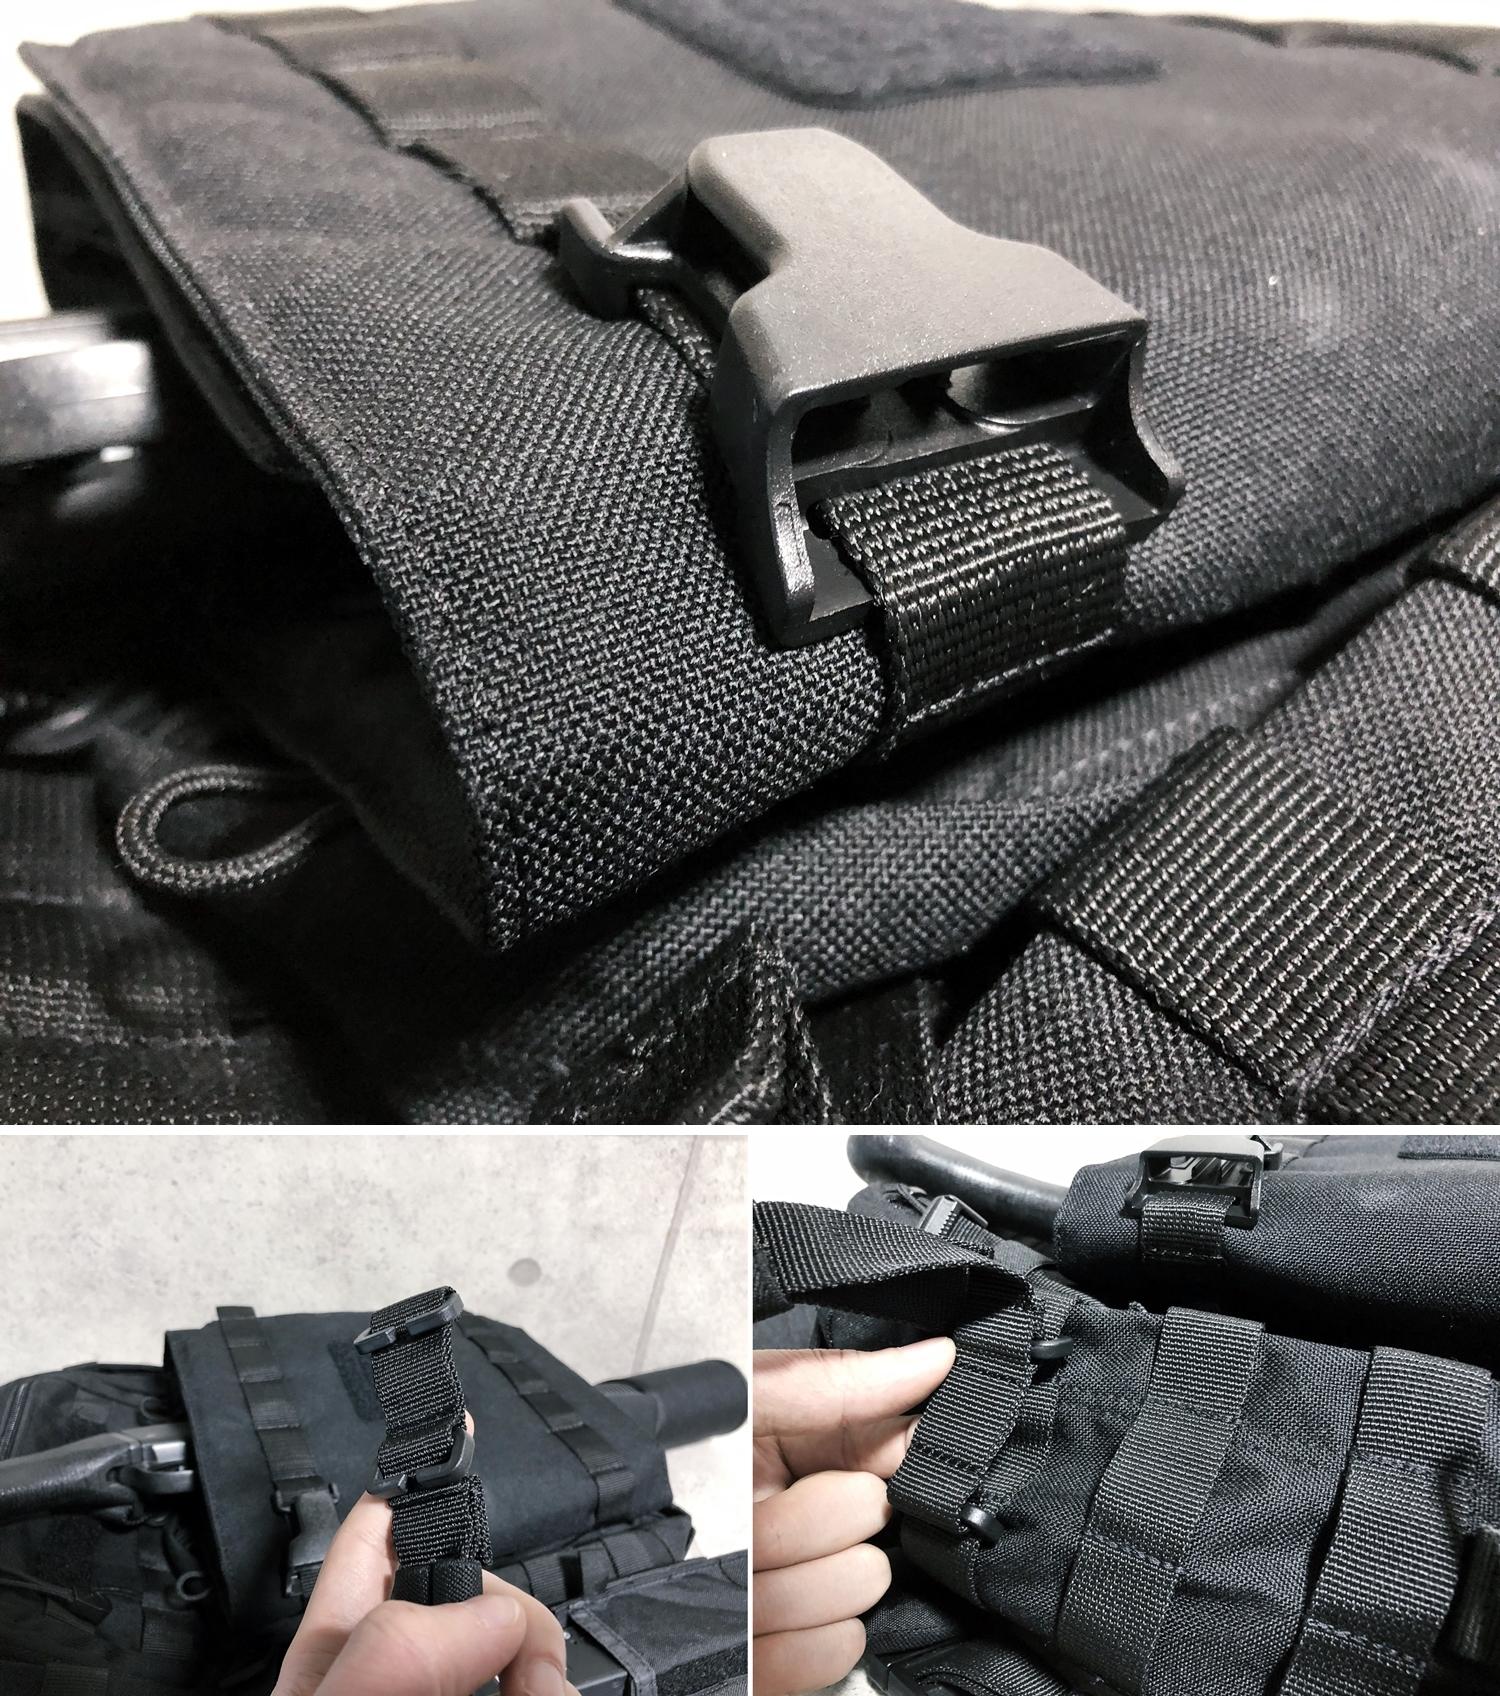 21 実物 511 Tactical RUSH 12 BACKPACK CUSTOM!! ライフルケース・ストラップシステム・ポーチ・ワッペン・ITW TAC LINKなど!! ファイブイレブン タクティカル ラッシュ バックパック カスタム!! 購入 取付 レビュ